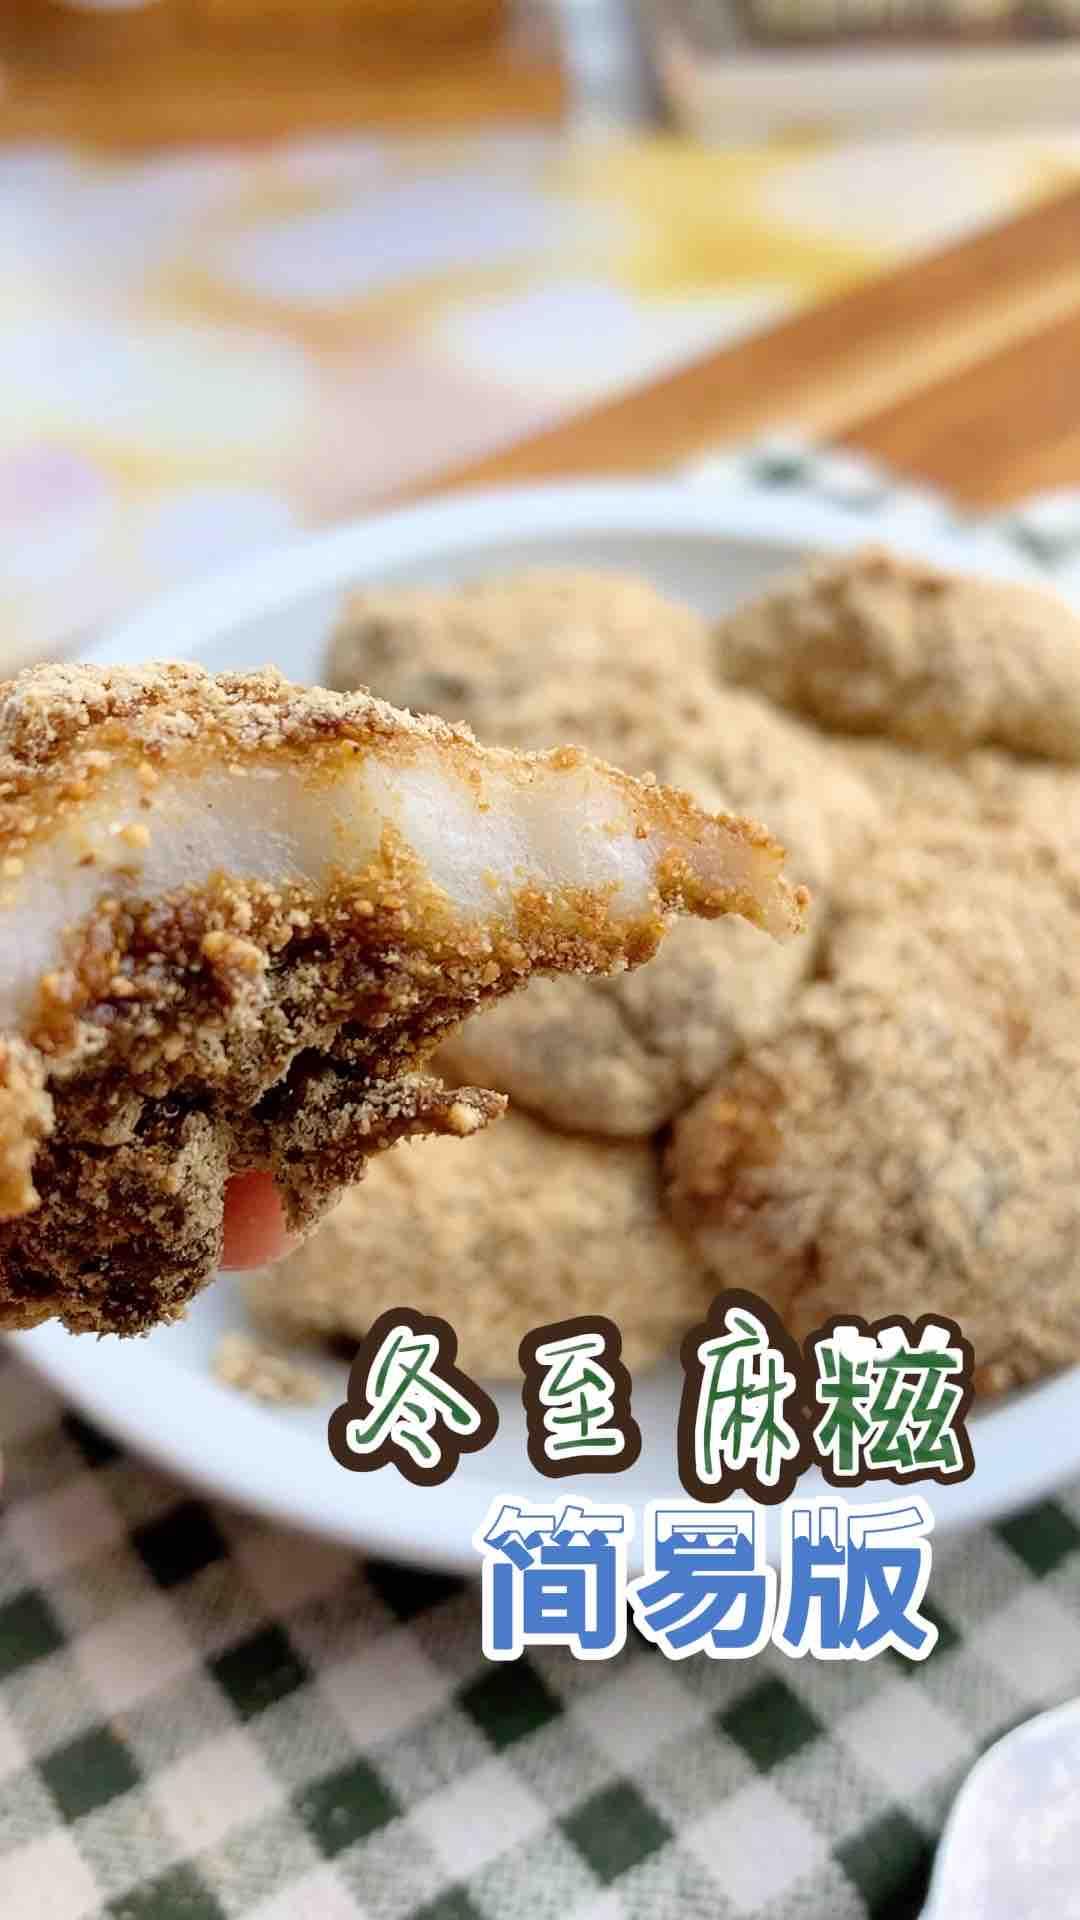 #冬至大如年#简易版温州麻糍,吃一份长一岁